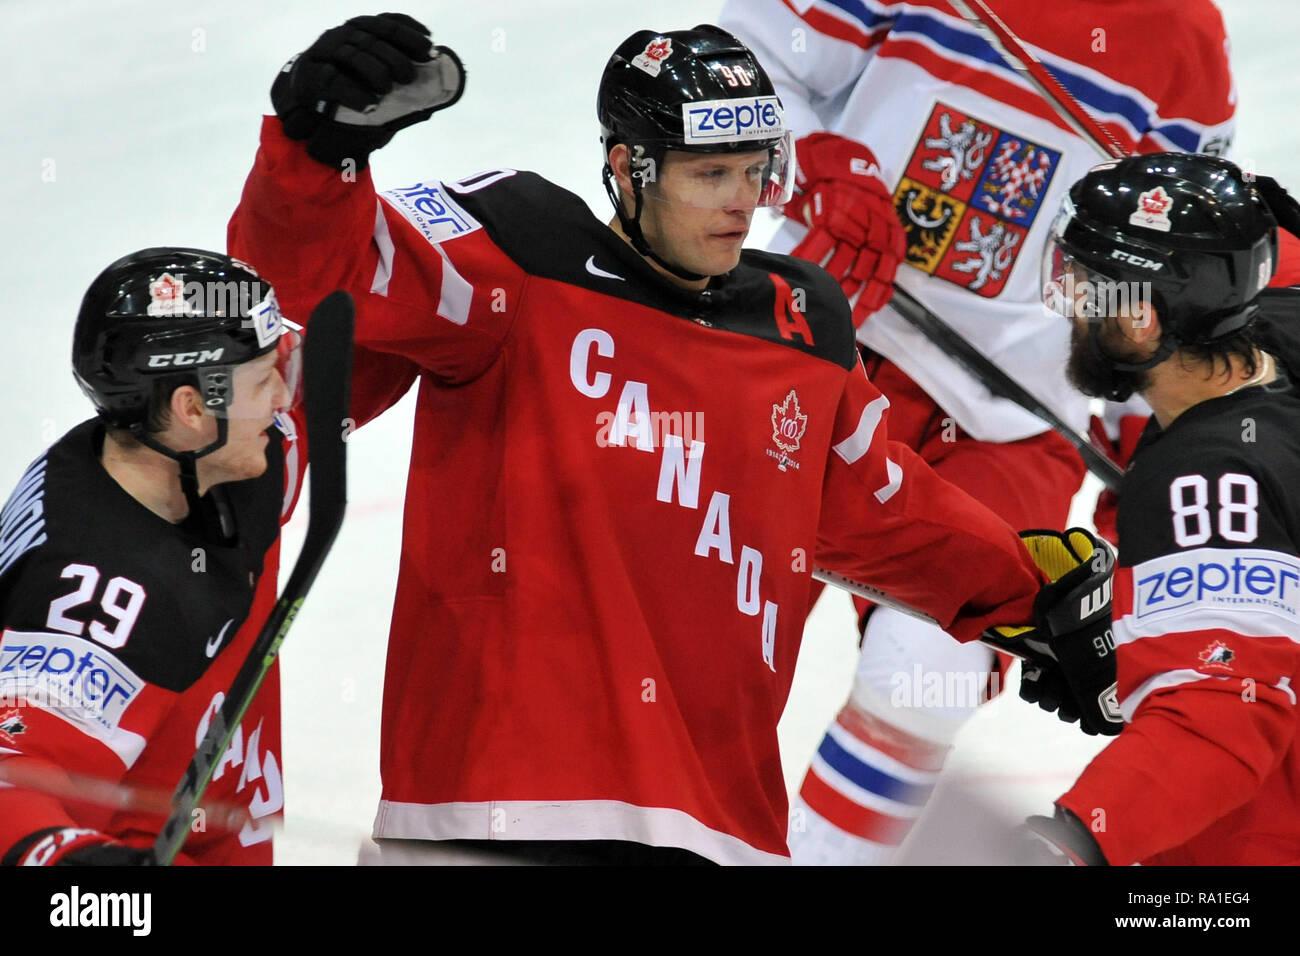 Eishockey Fahne Banner 2015 Ice Hockey World Championship Czech Republic Prag Ostarva #16